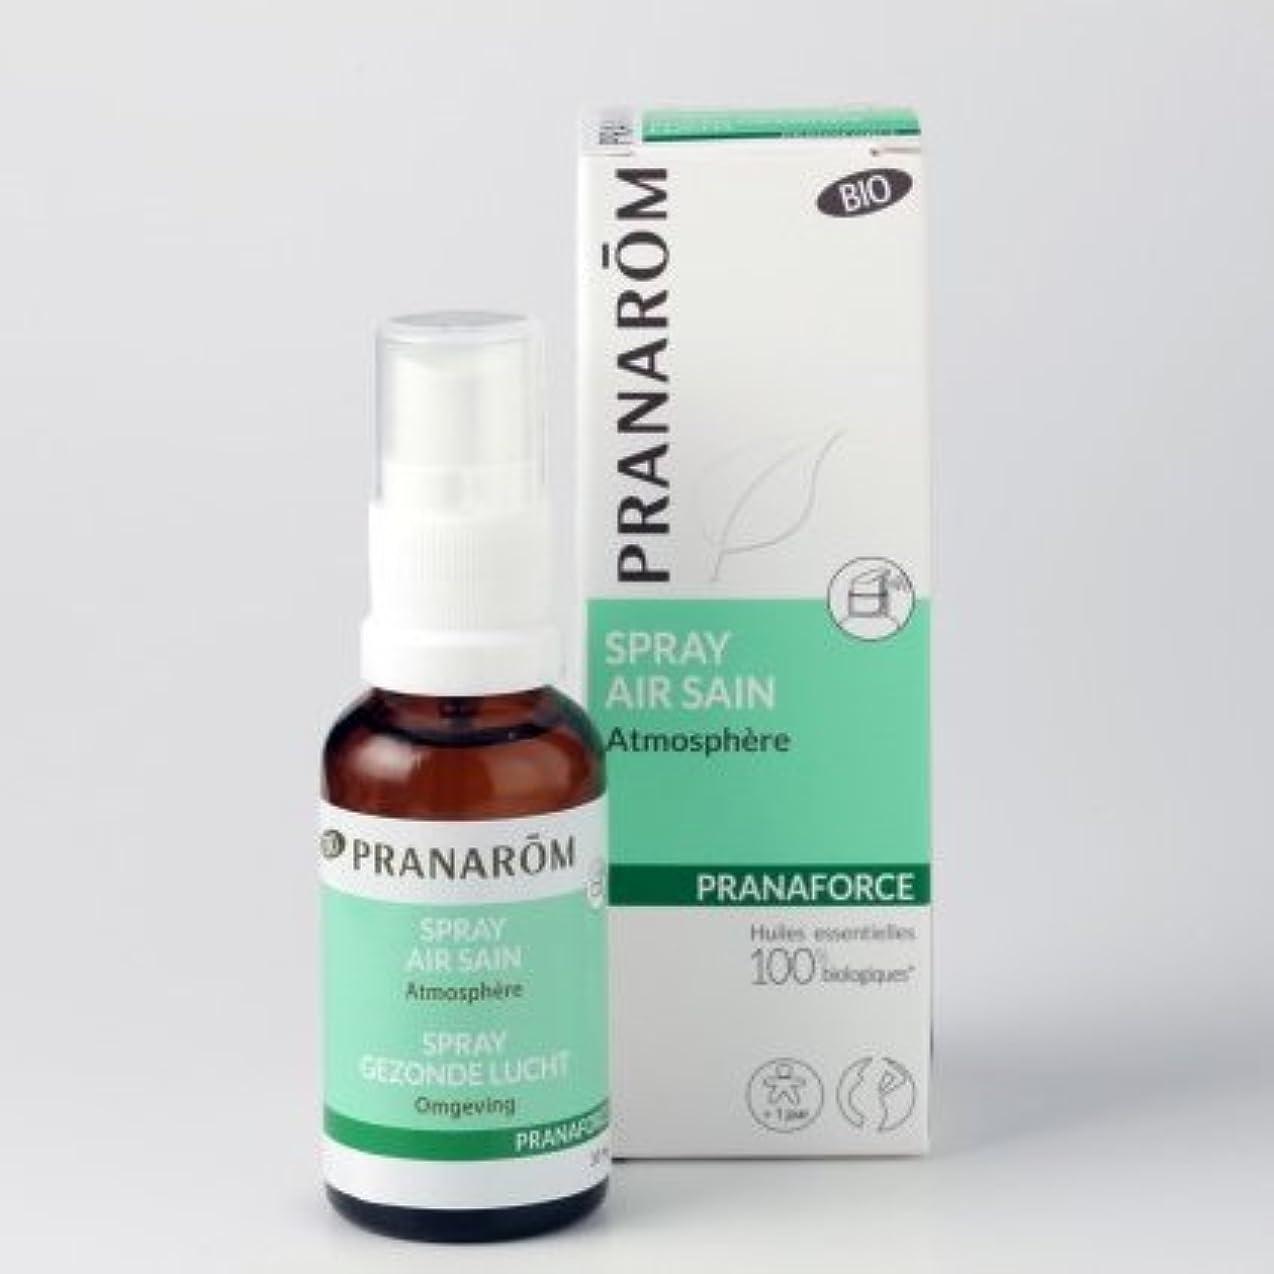 仲介者ドライバロデオメディカルアロマのプラナロムが作った芳香剤 プラナフォーススプレー